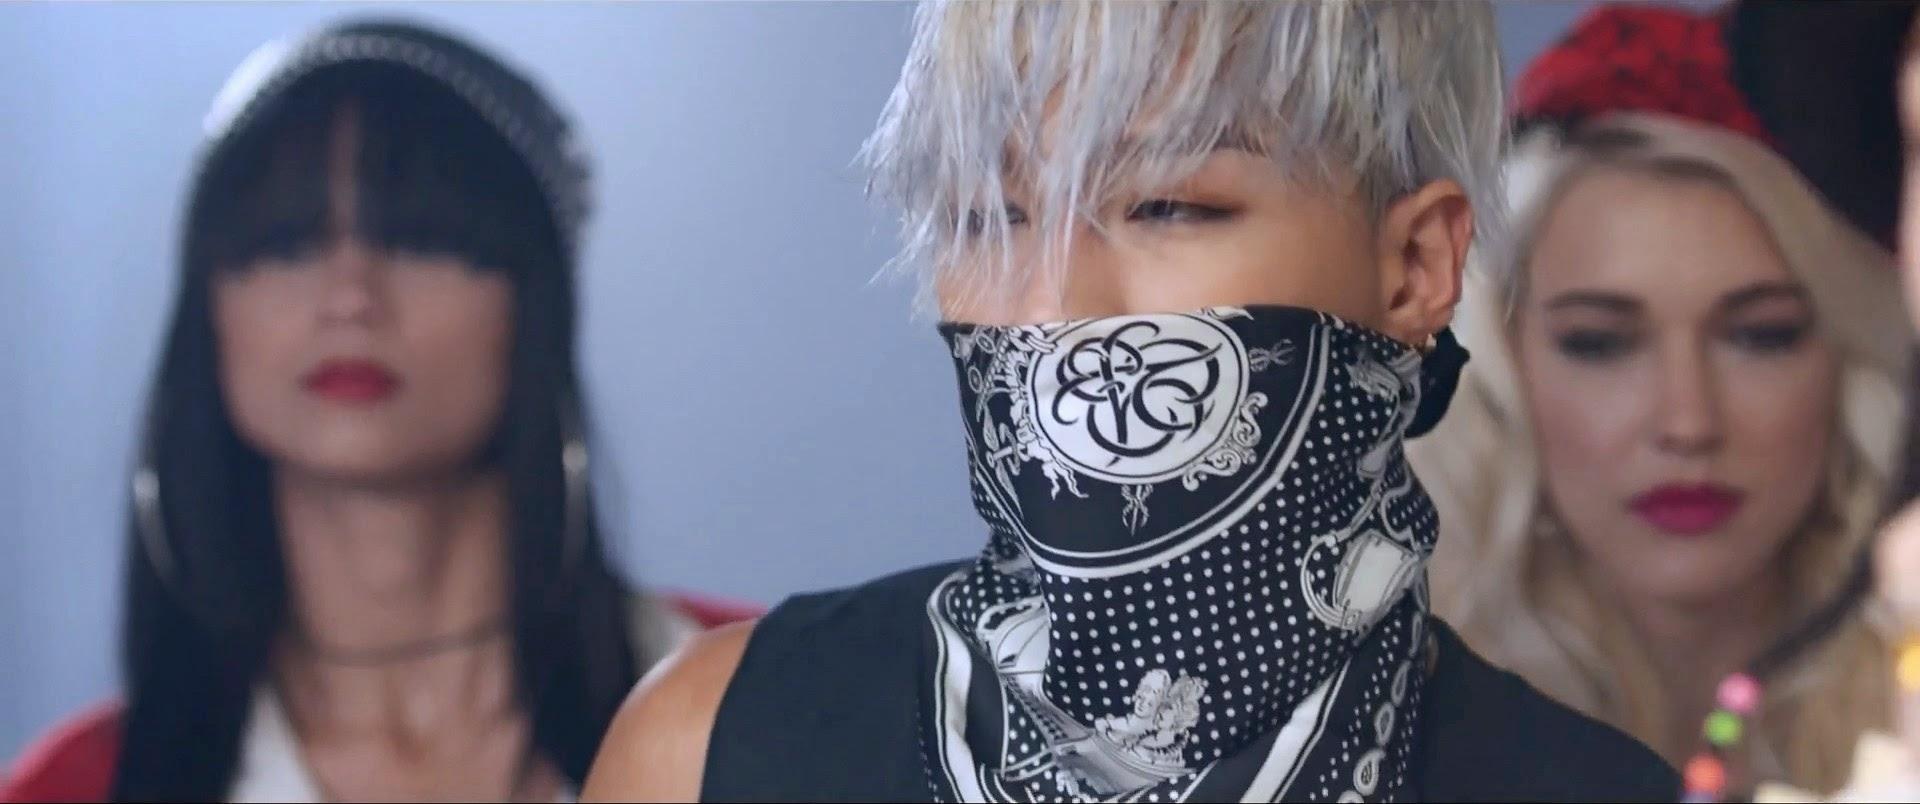 Good Boy Taeyang